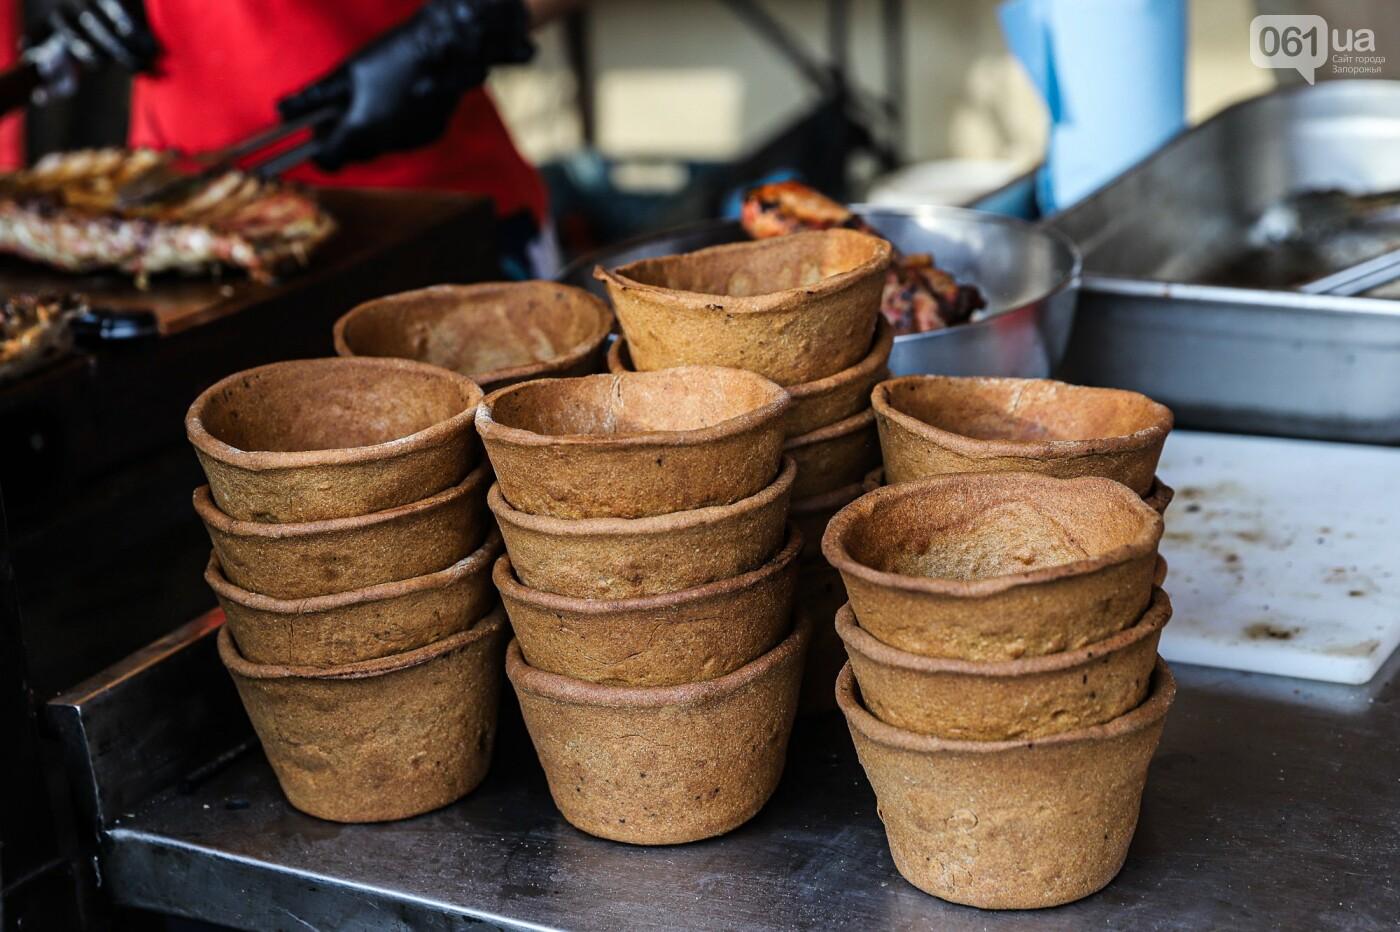 Бограч в хлебных горшочках и мясо из уникальной печи: что нового на фестивале уличной еды в Запорожье, - ФОТОРЕПОРТАЖ, фото-7